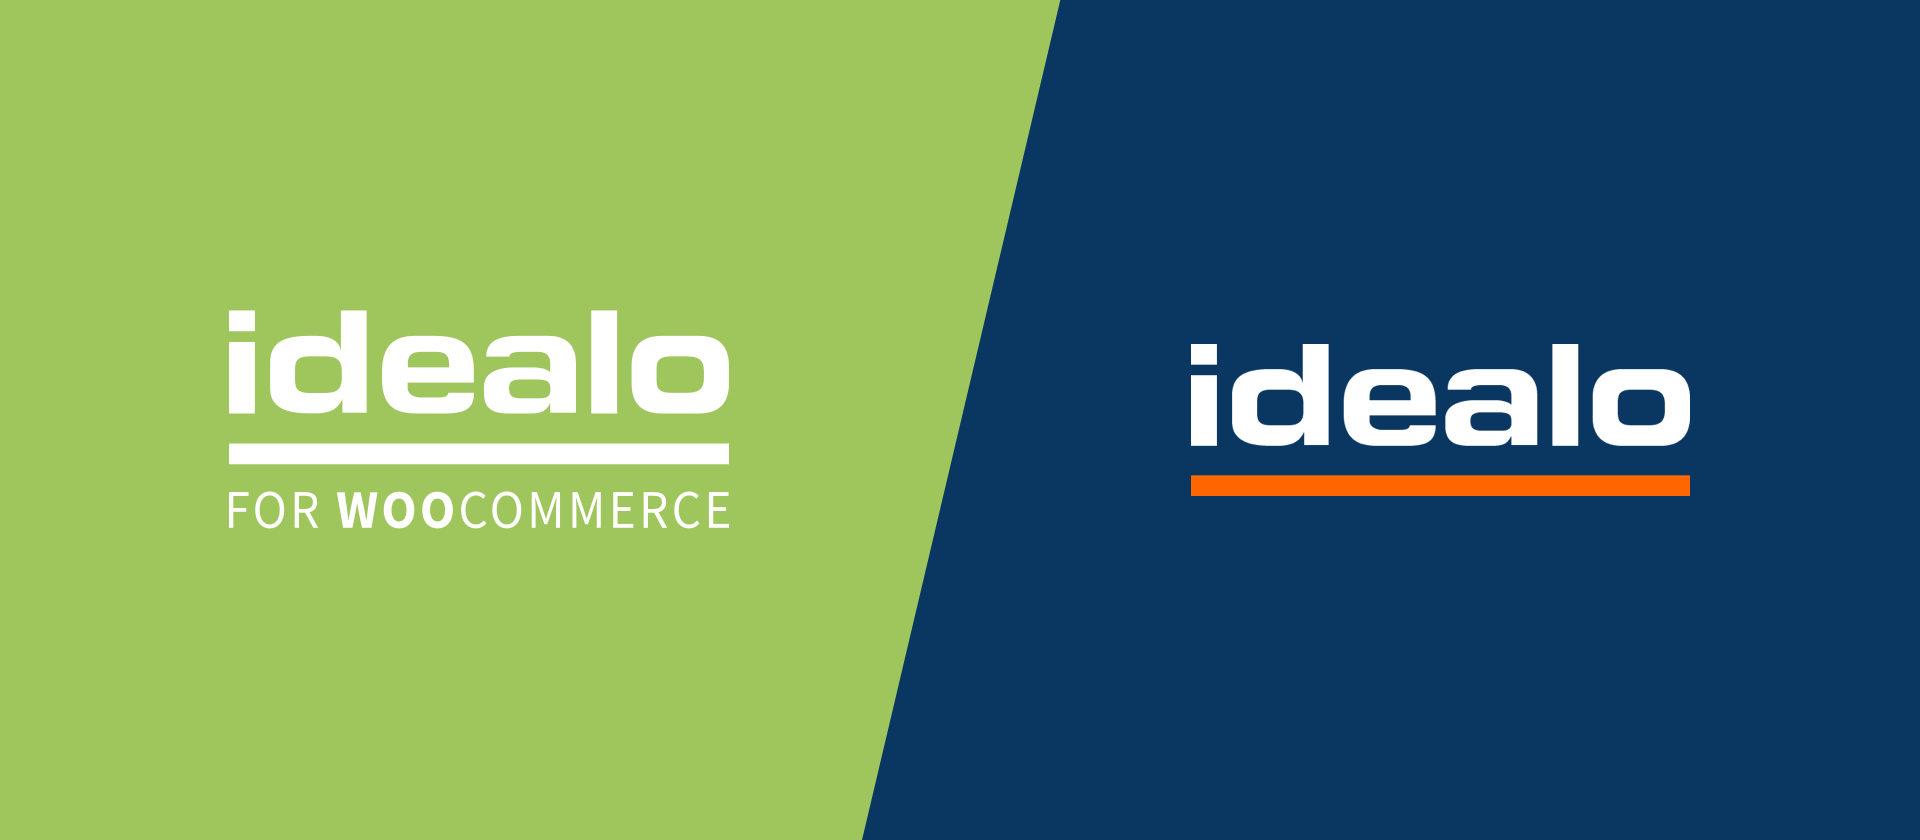 idealo für WooCommerce: Verbinden Sie Ihren WooCommerce Shop mit idealo